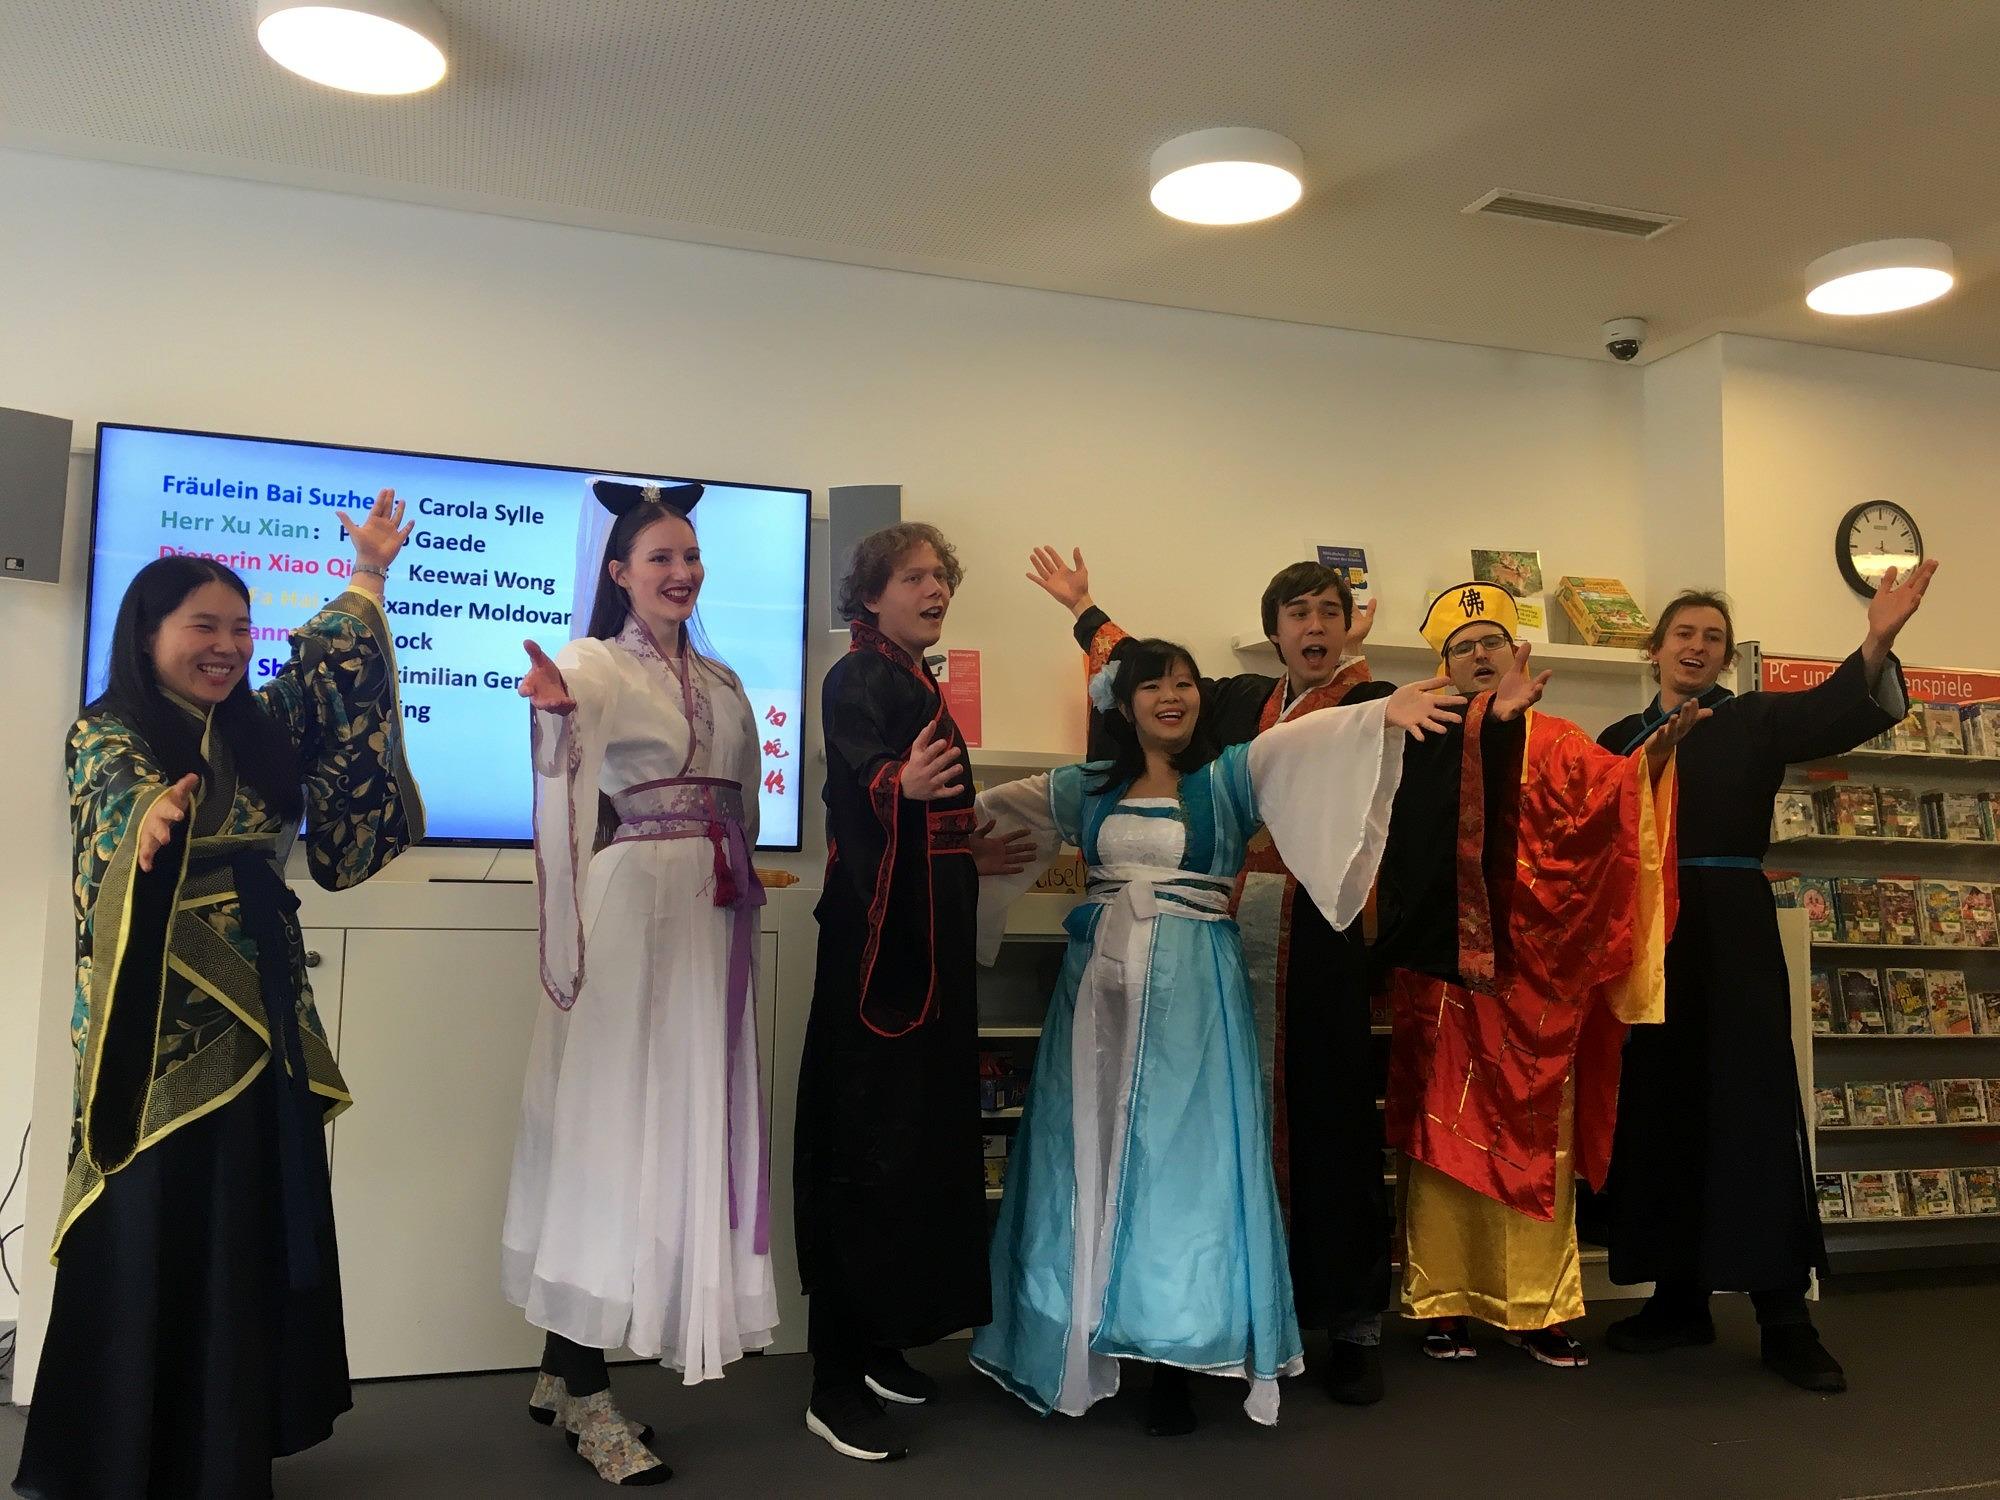 """Die Mitglieder der Theater Gruppe """"Sonnenstrahl"""" von links nach rechts: Zhu Shaoying, Carola Sylle, Maximilian Gertz, Keewai Wong, Phillip Gaede, Alexander Moldovan, und David Bock."""